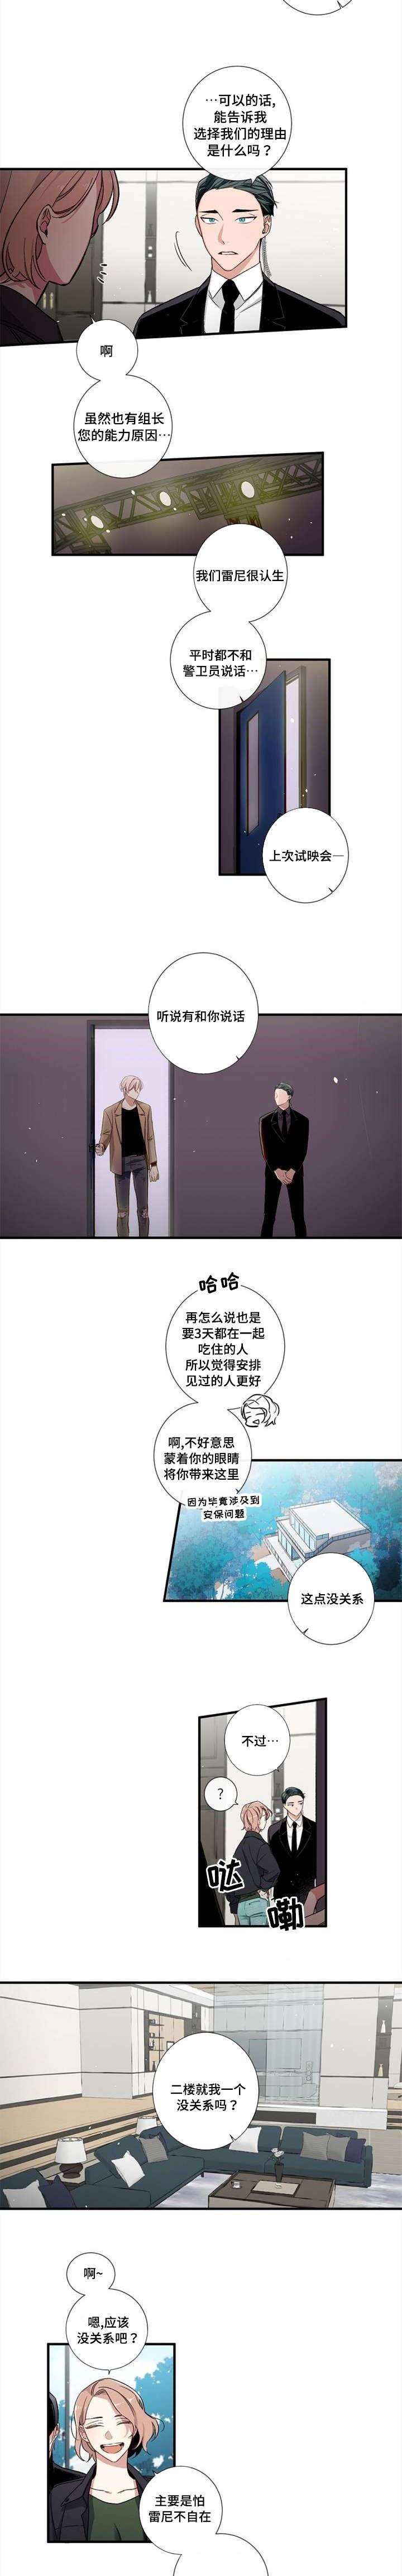 绯闻-漫画全集免费在线阅读_网盘资源中文连载已汉化-啵乐漫画